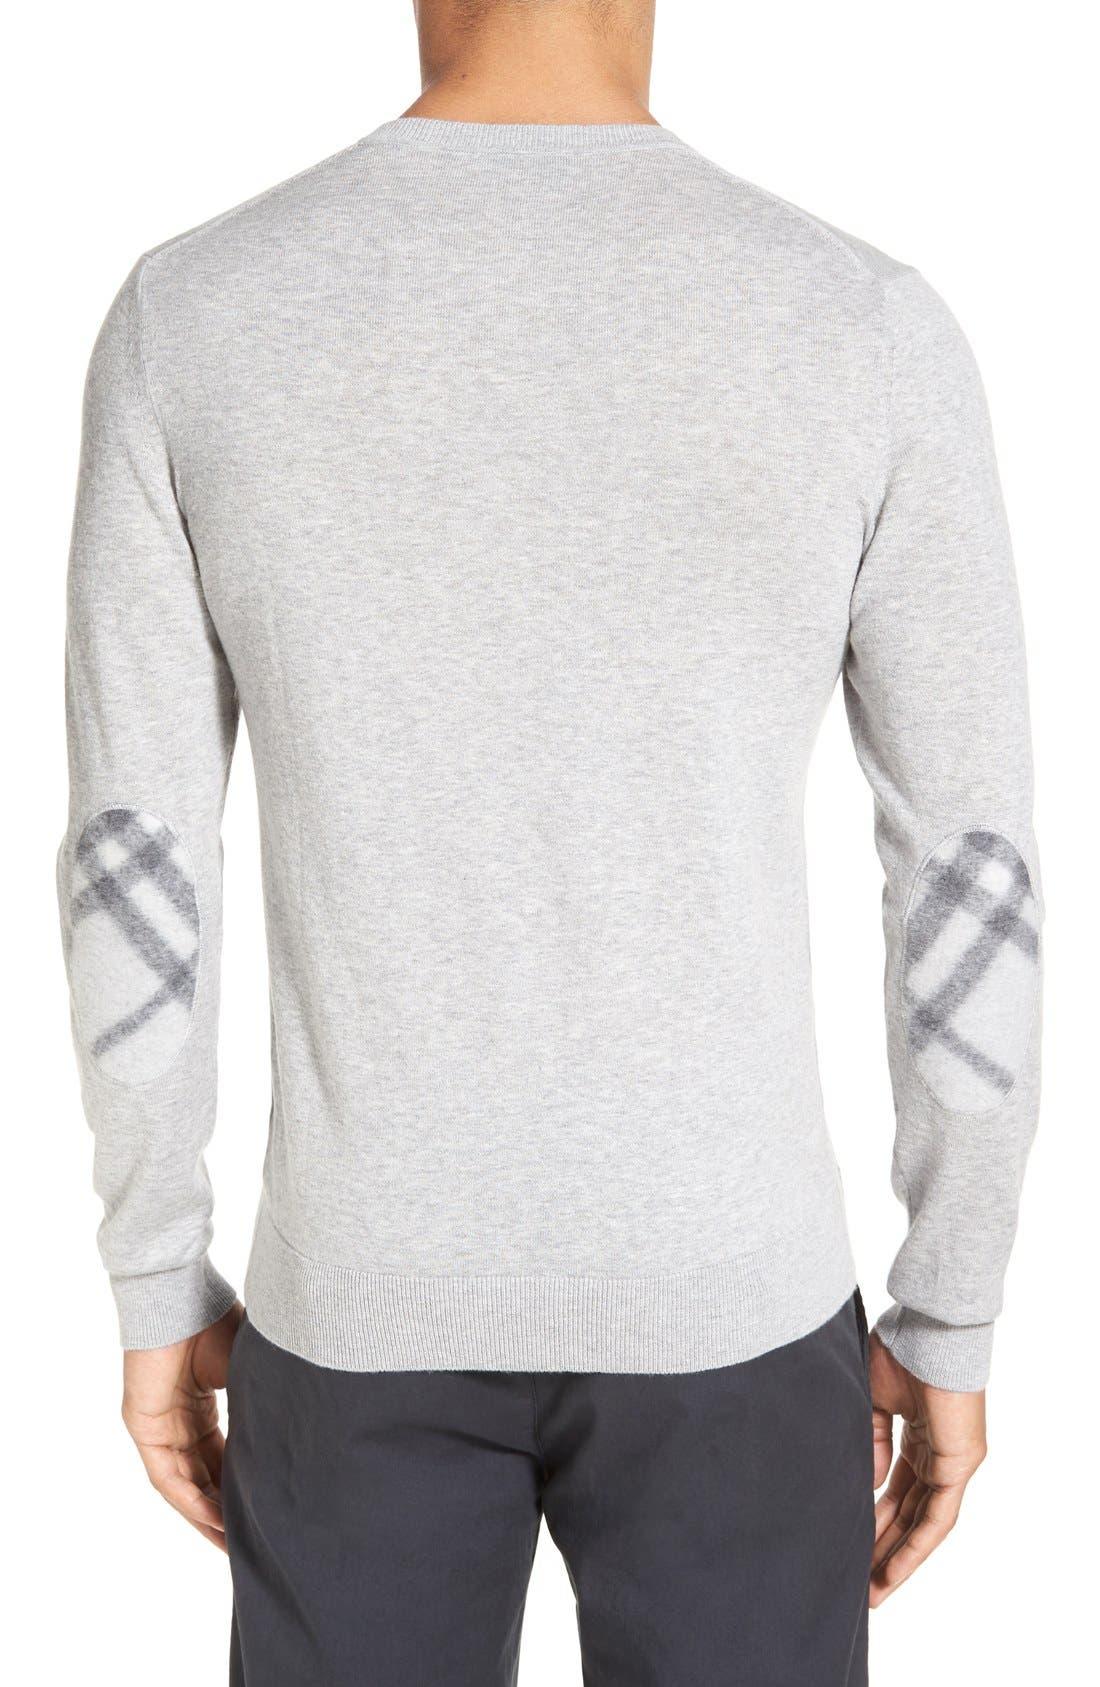 Brit Richmond Cotton & Cashmere Sweater,                             Alternate thumbnail 2, color,                             Pale Grey Melange